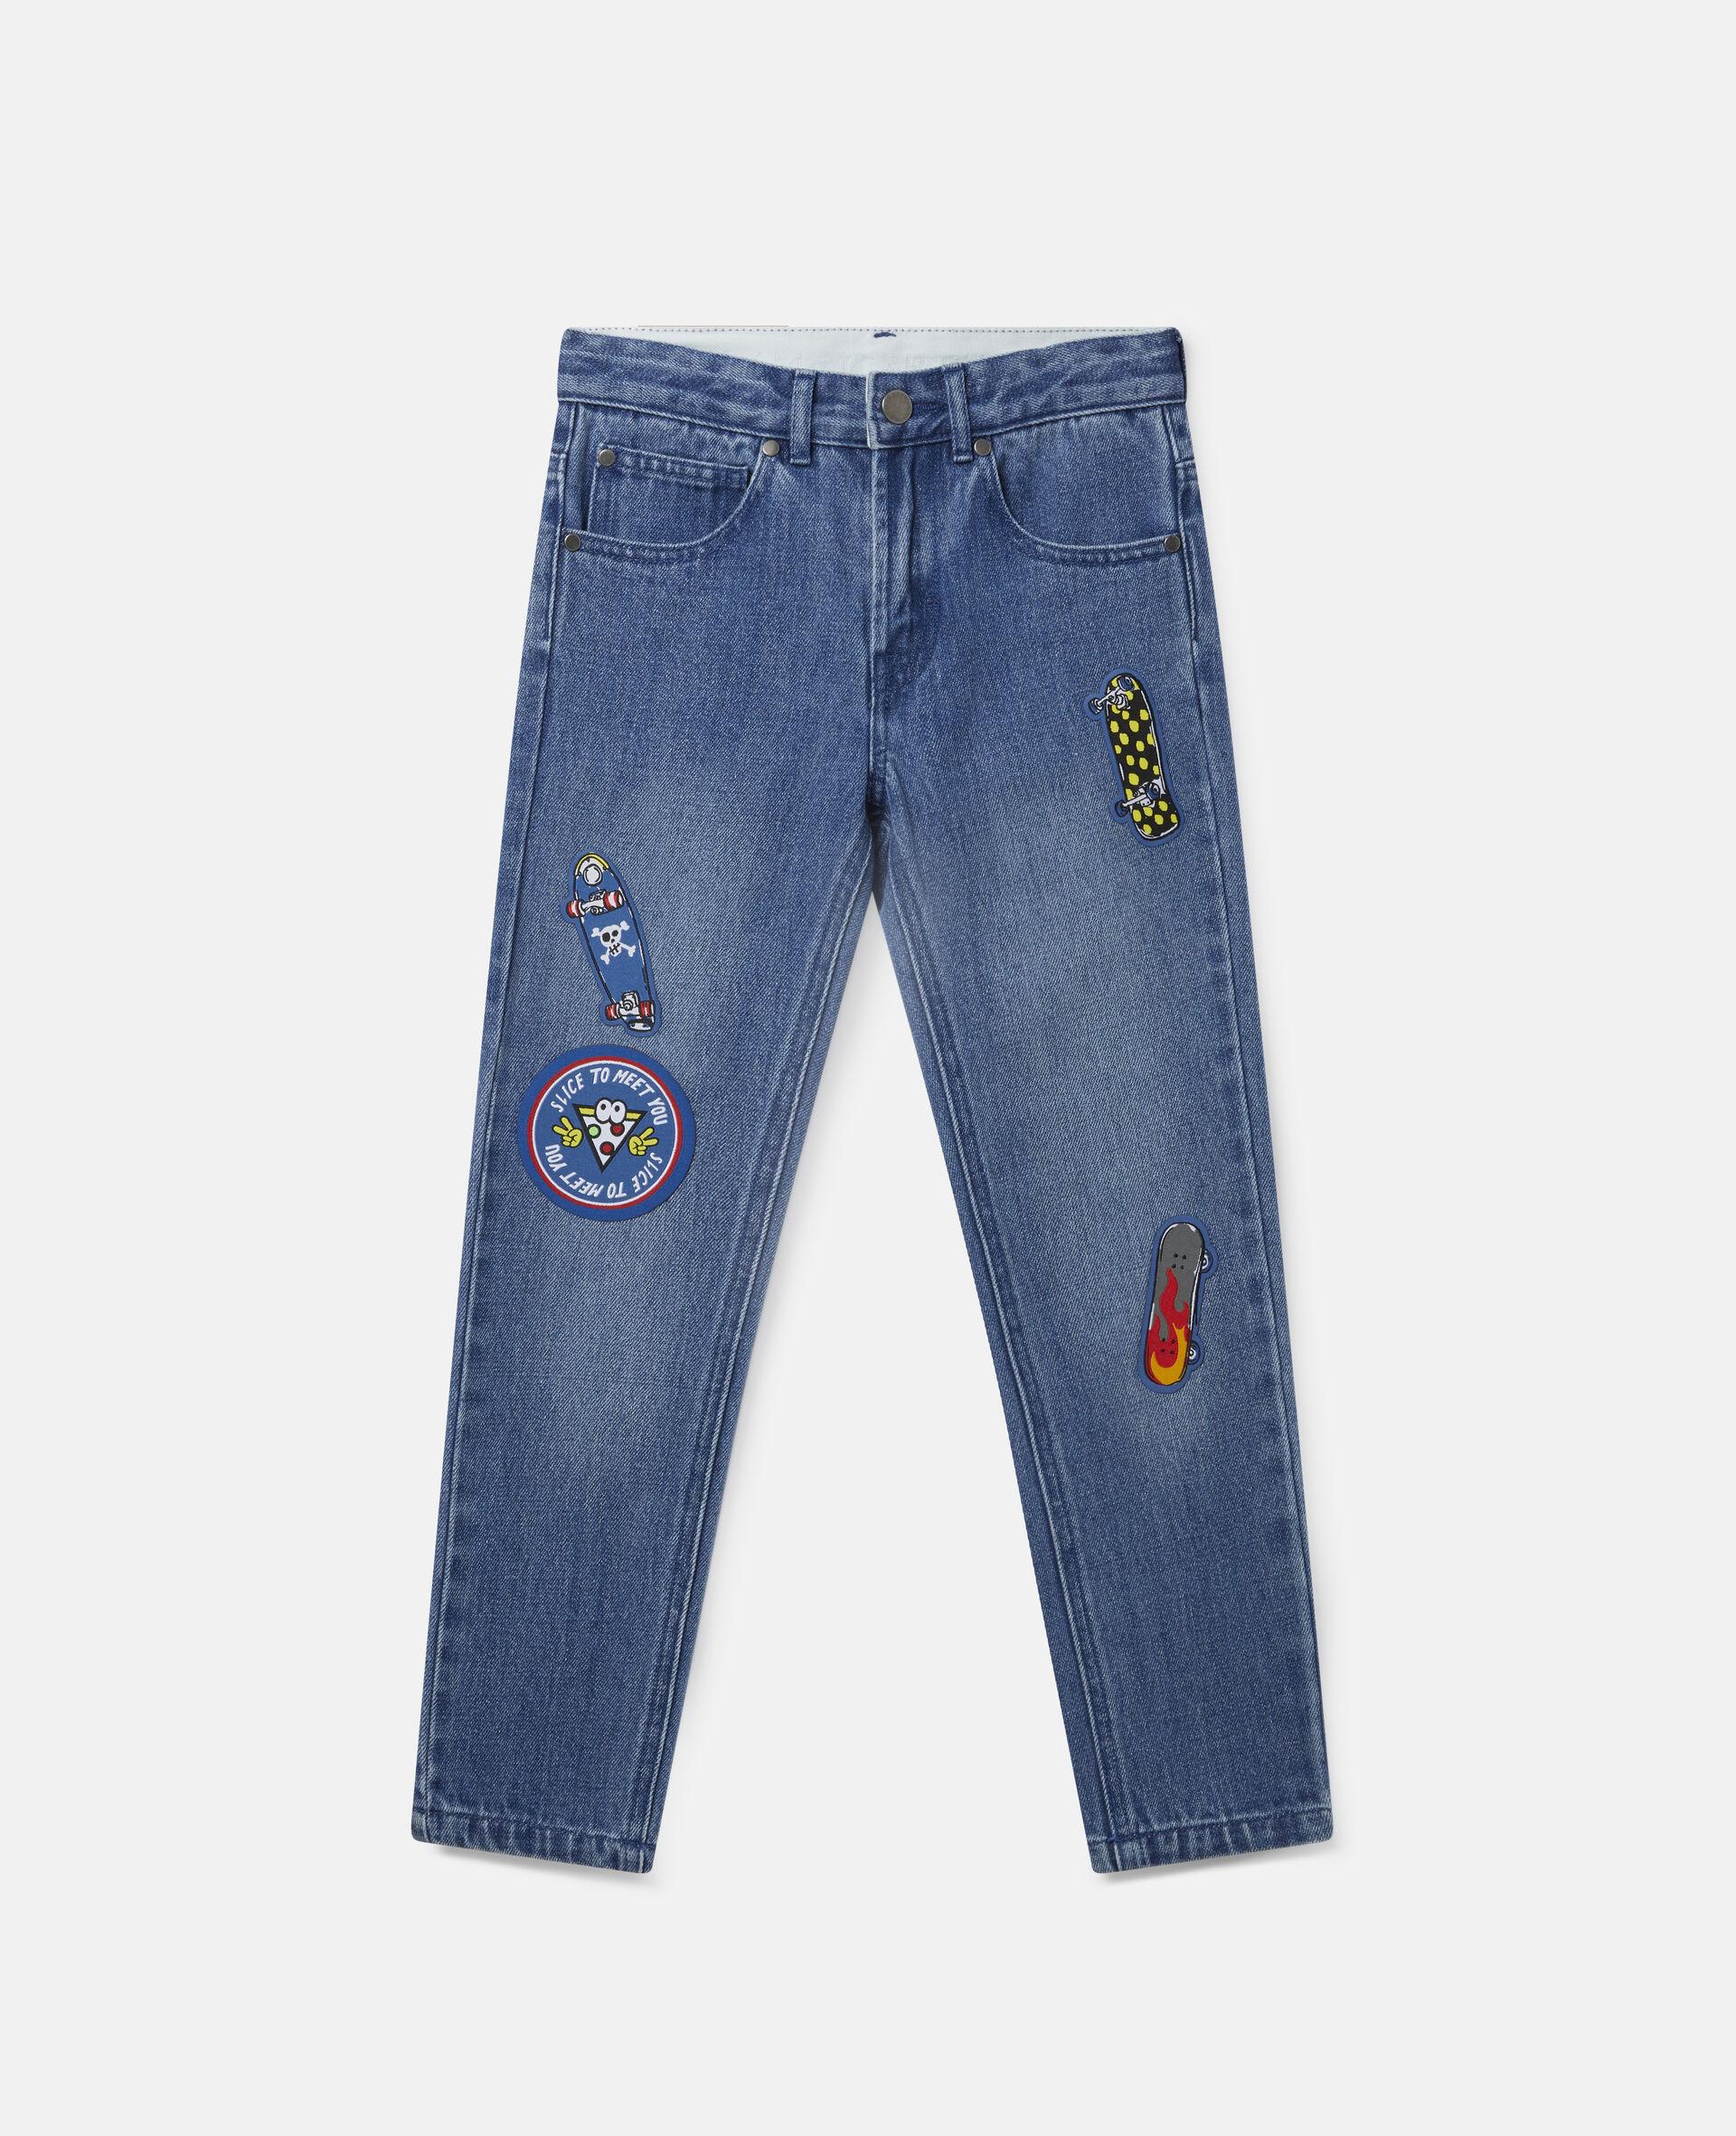 Pantalon en denim à écussons skateboard-Bleu-large image number 0